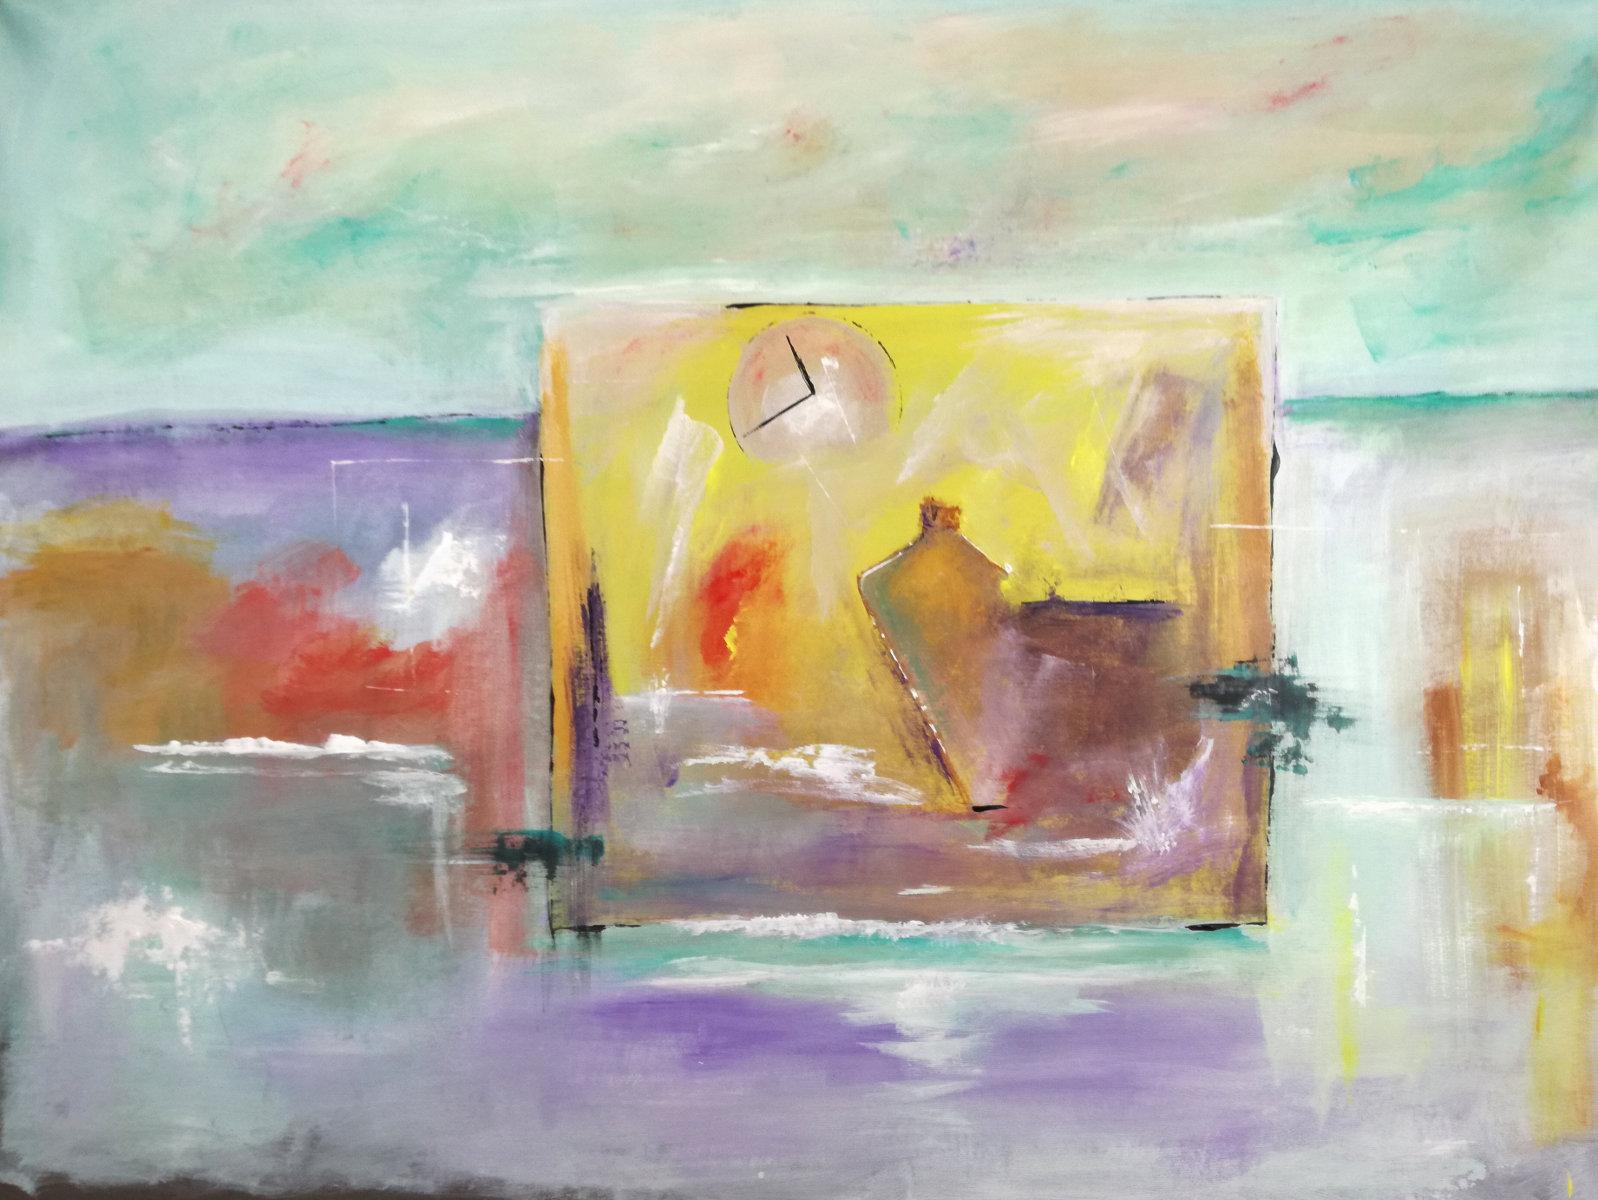 quadri moderni fatti a mano paesaggio-120x90 xxl c018 | sauro bos